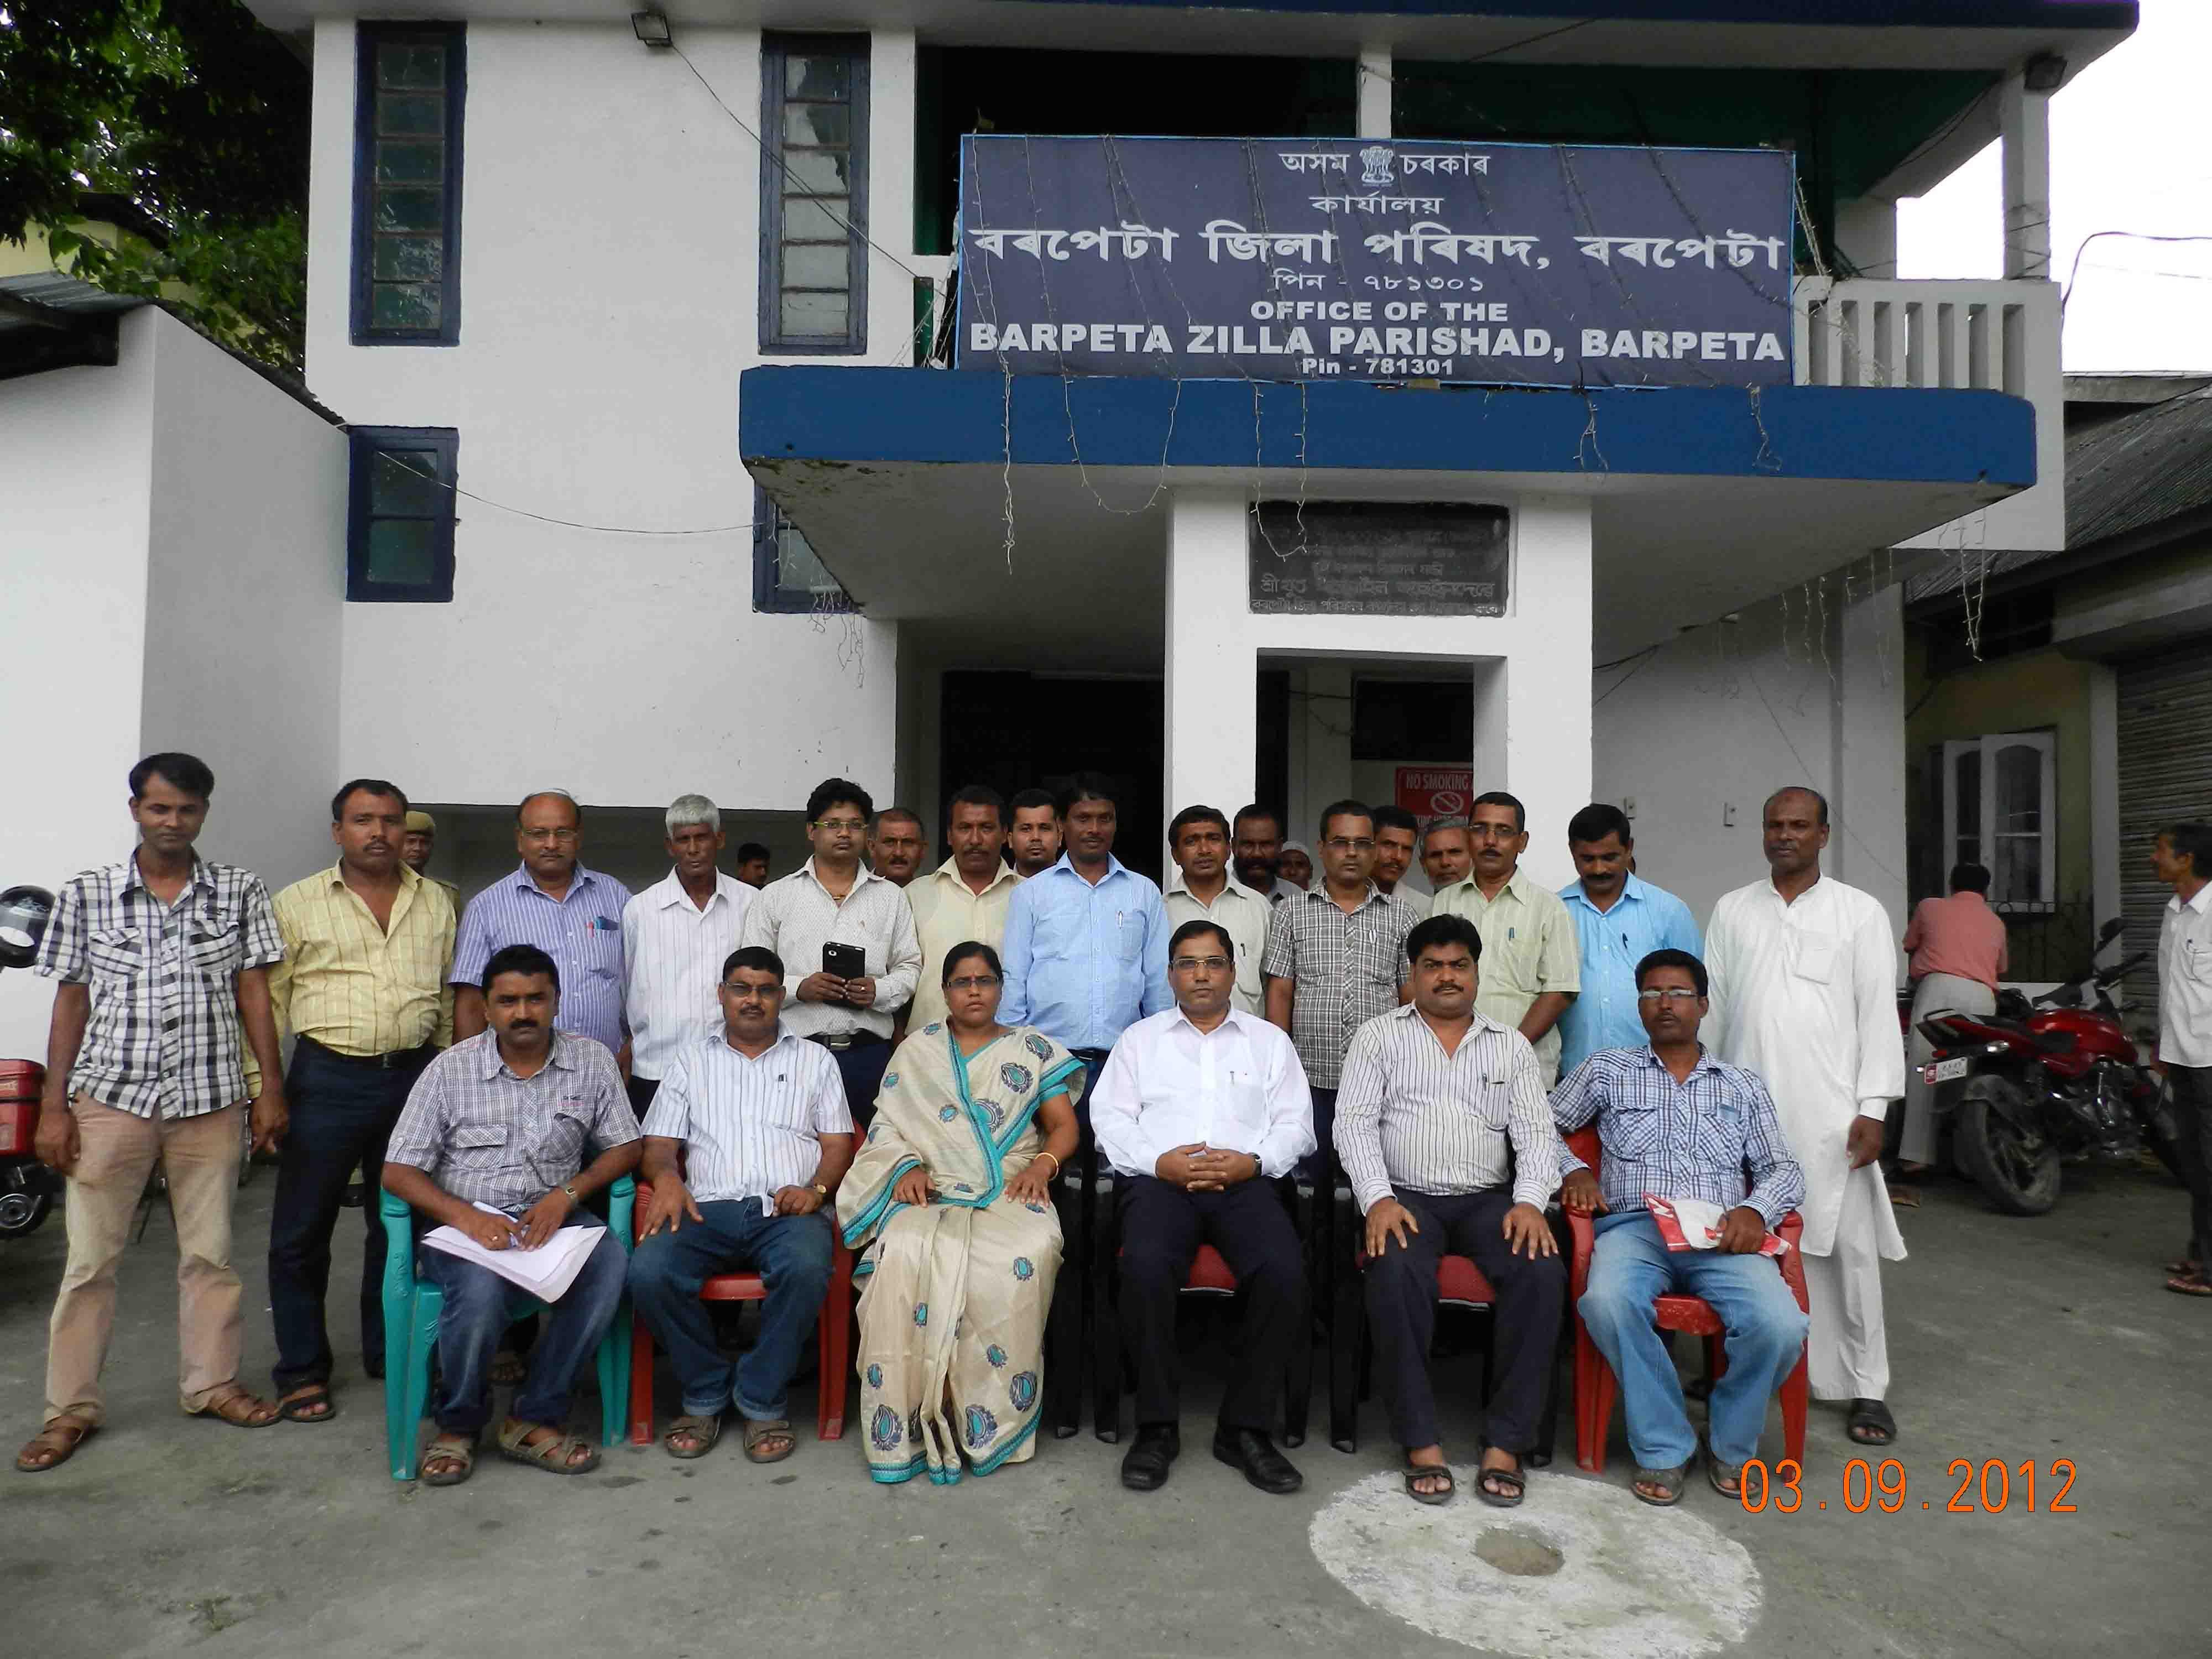 Barpeta Zila Parishad